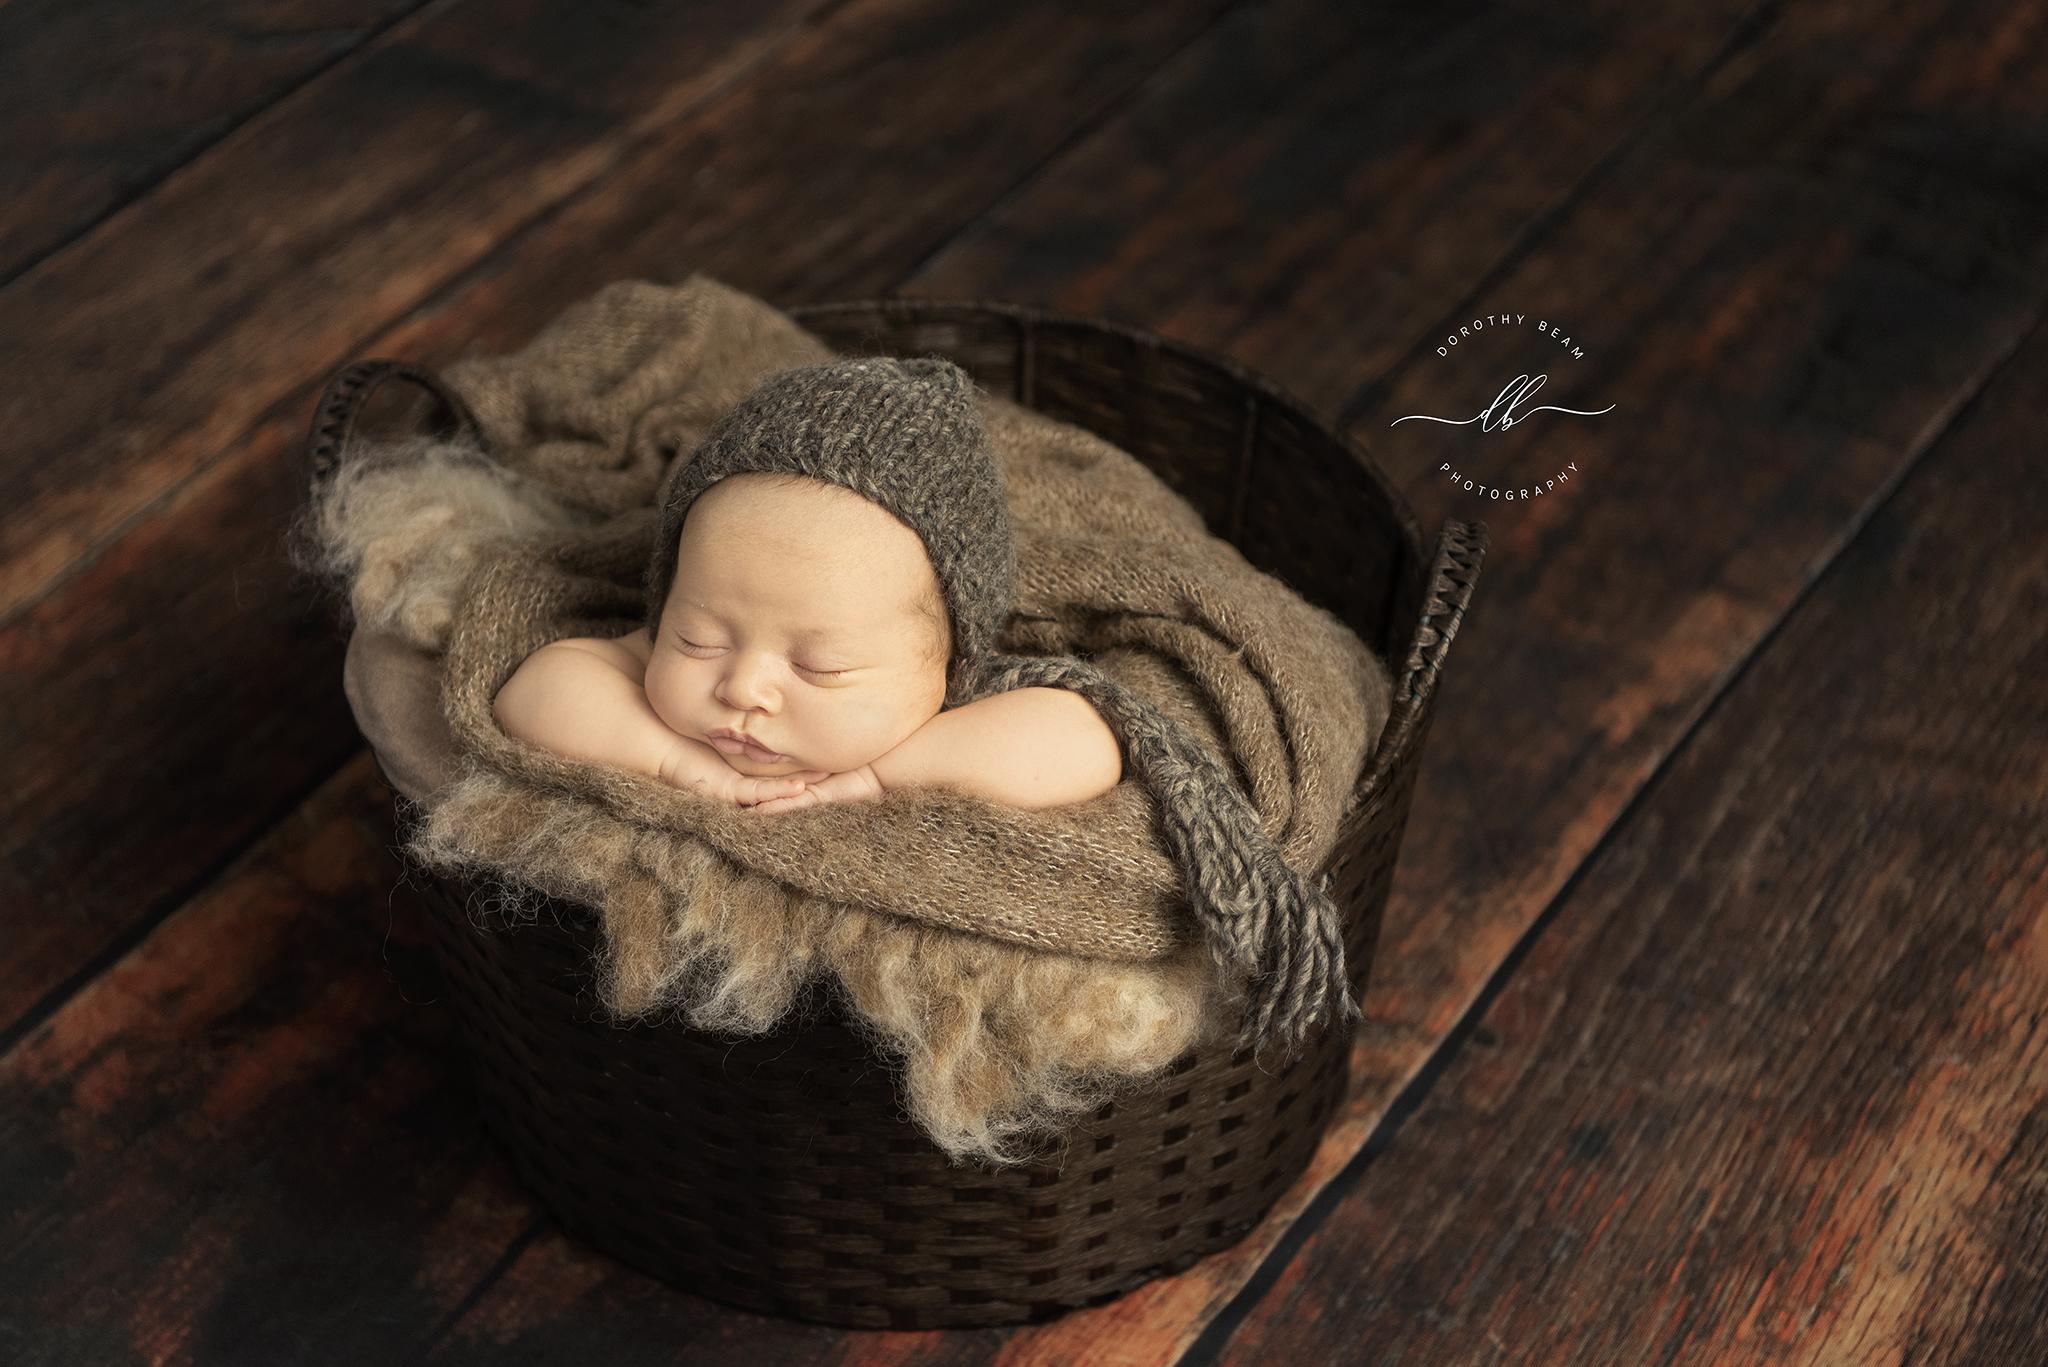 Boy Tan Brown Basket Older Newborn Baby.